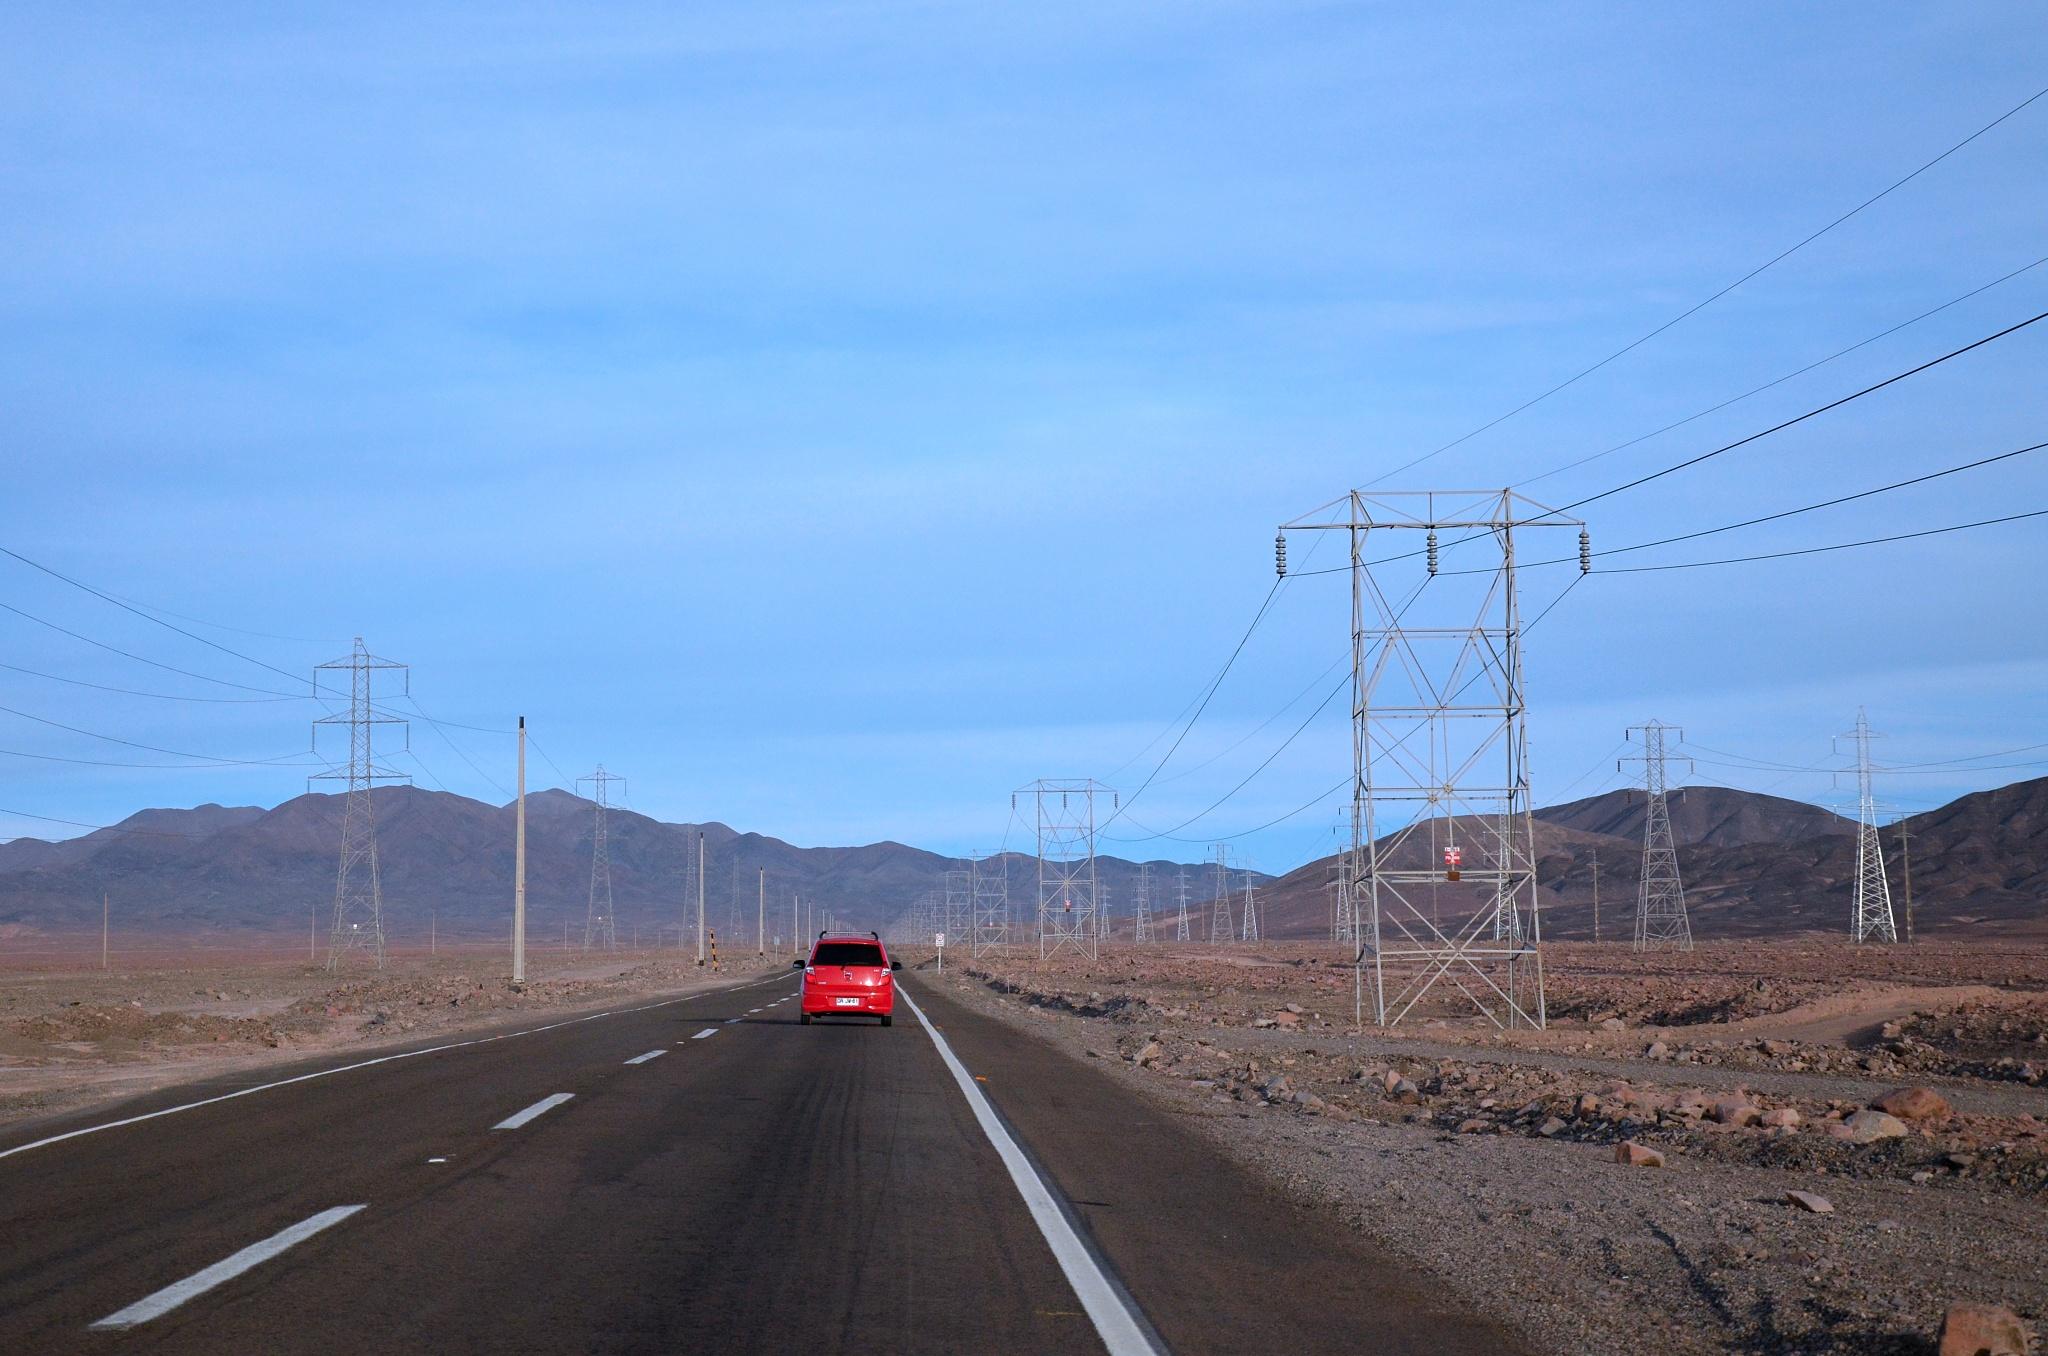 Silnice lemovaná sloupy vysokého napětí